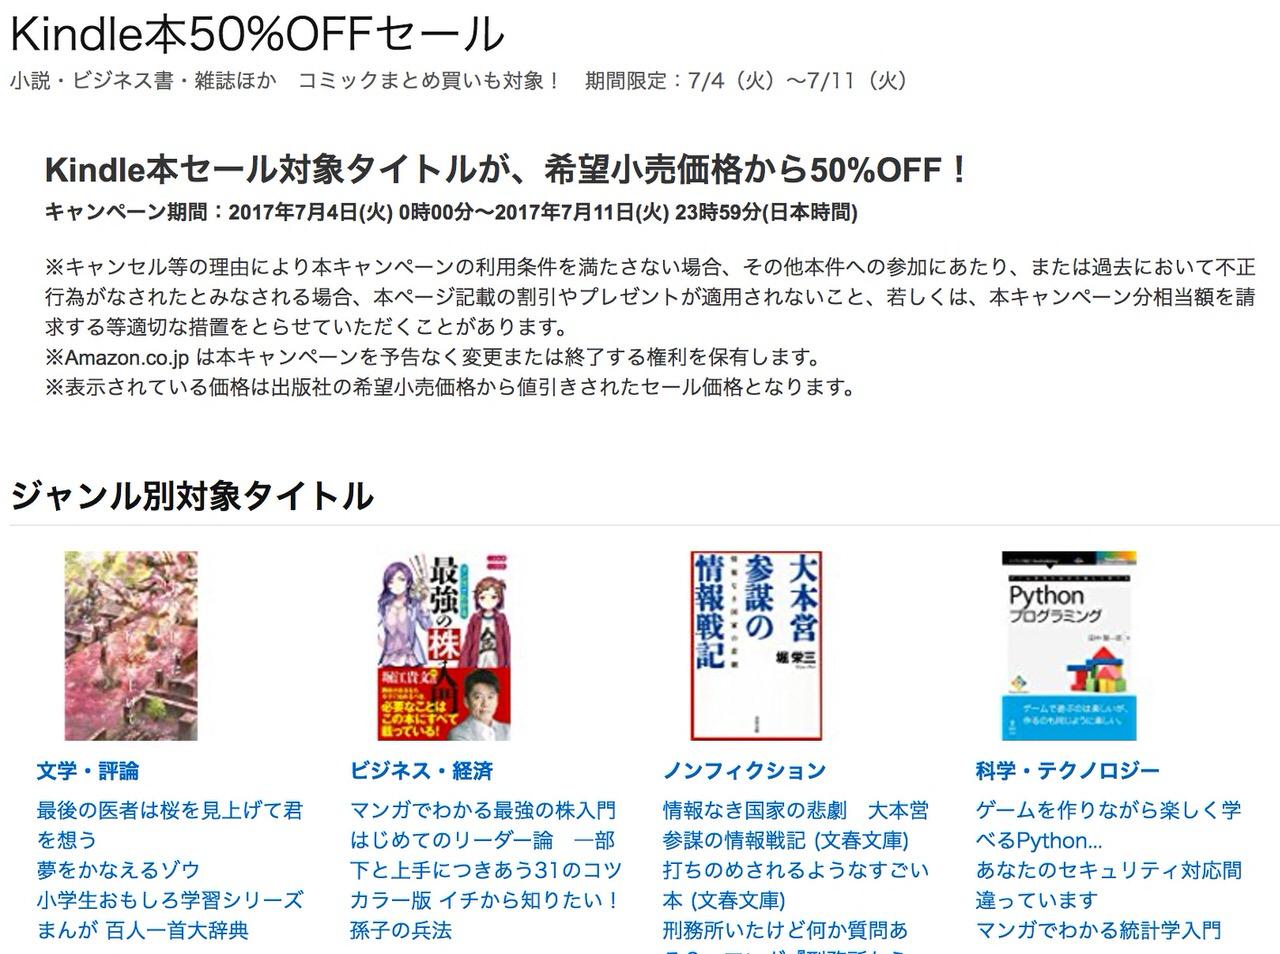 【50%オフ】27,000冊以上が対象の「Kindle本50%OFFセール」実施中(7/11まで)